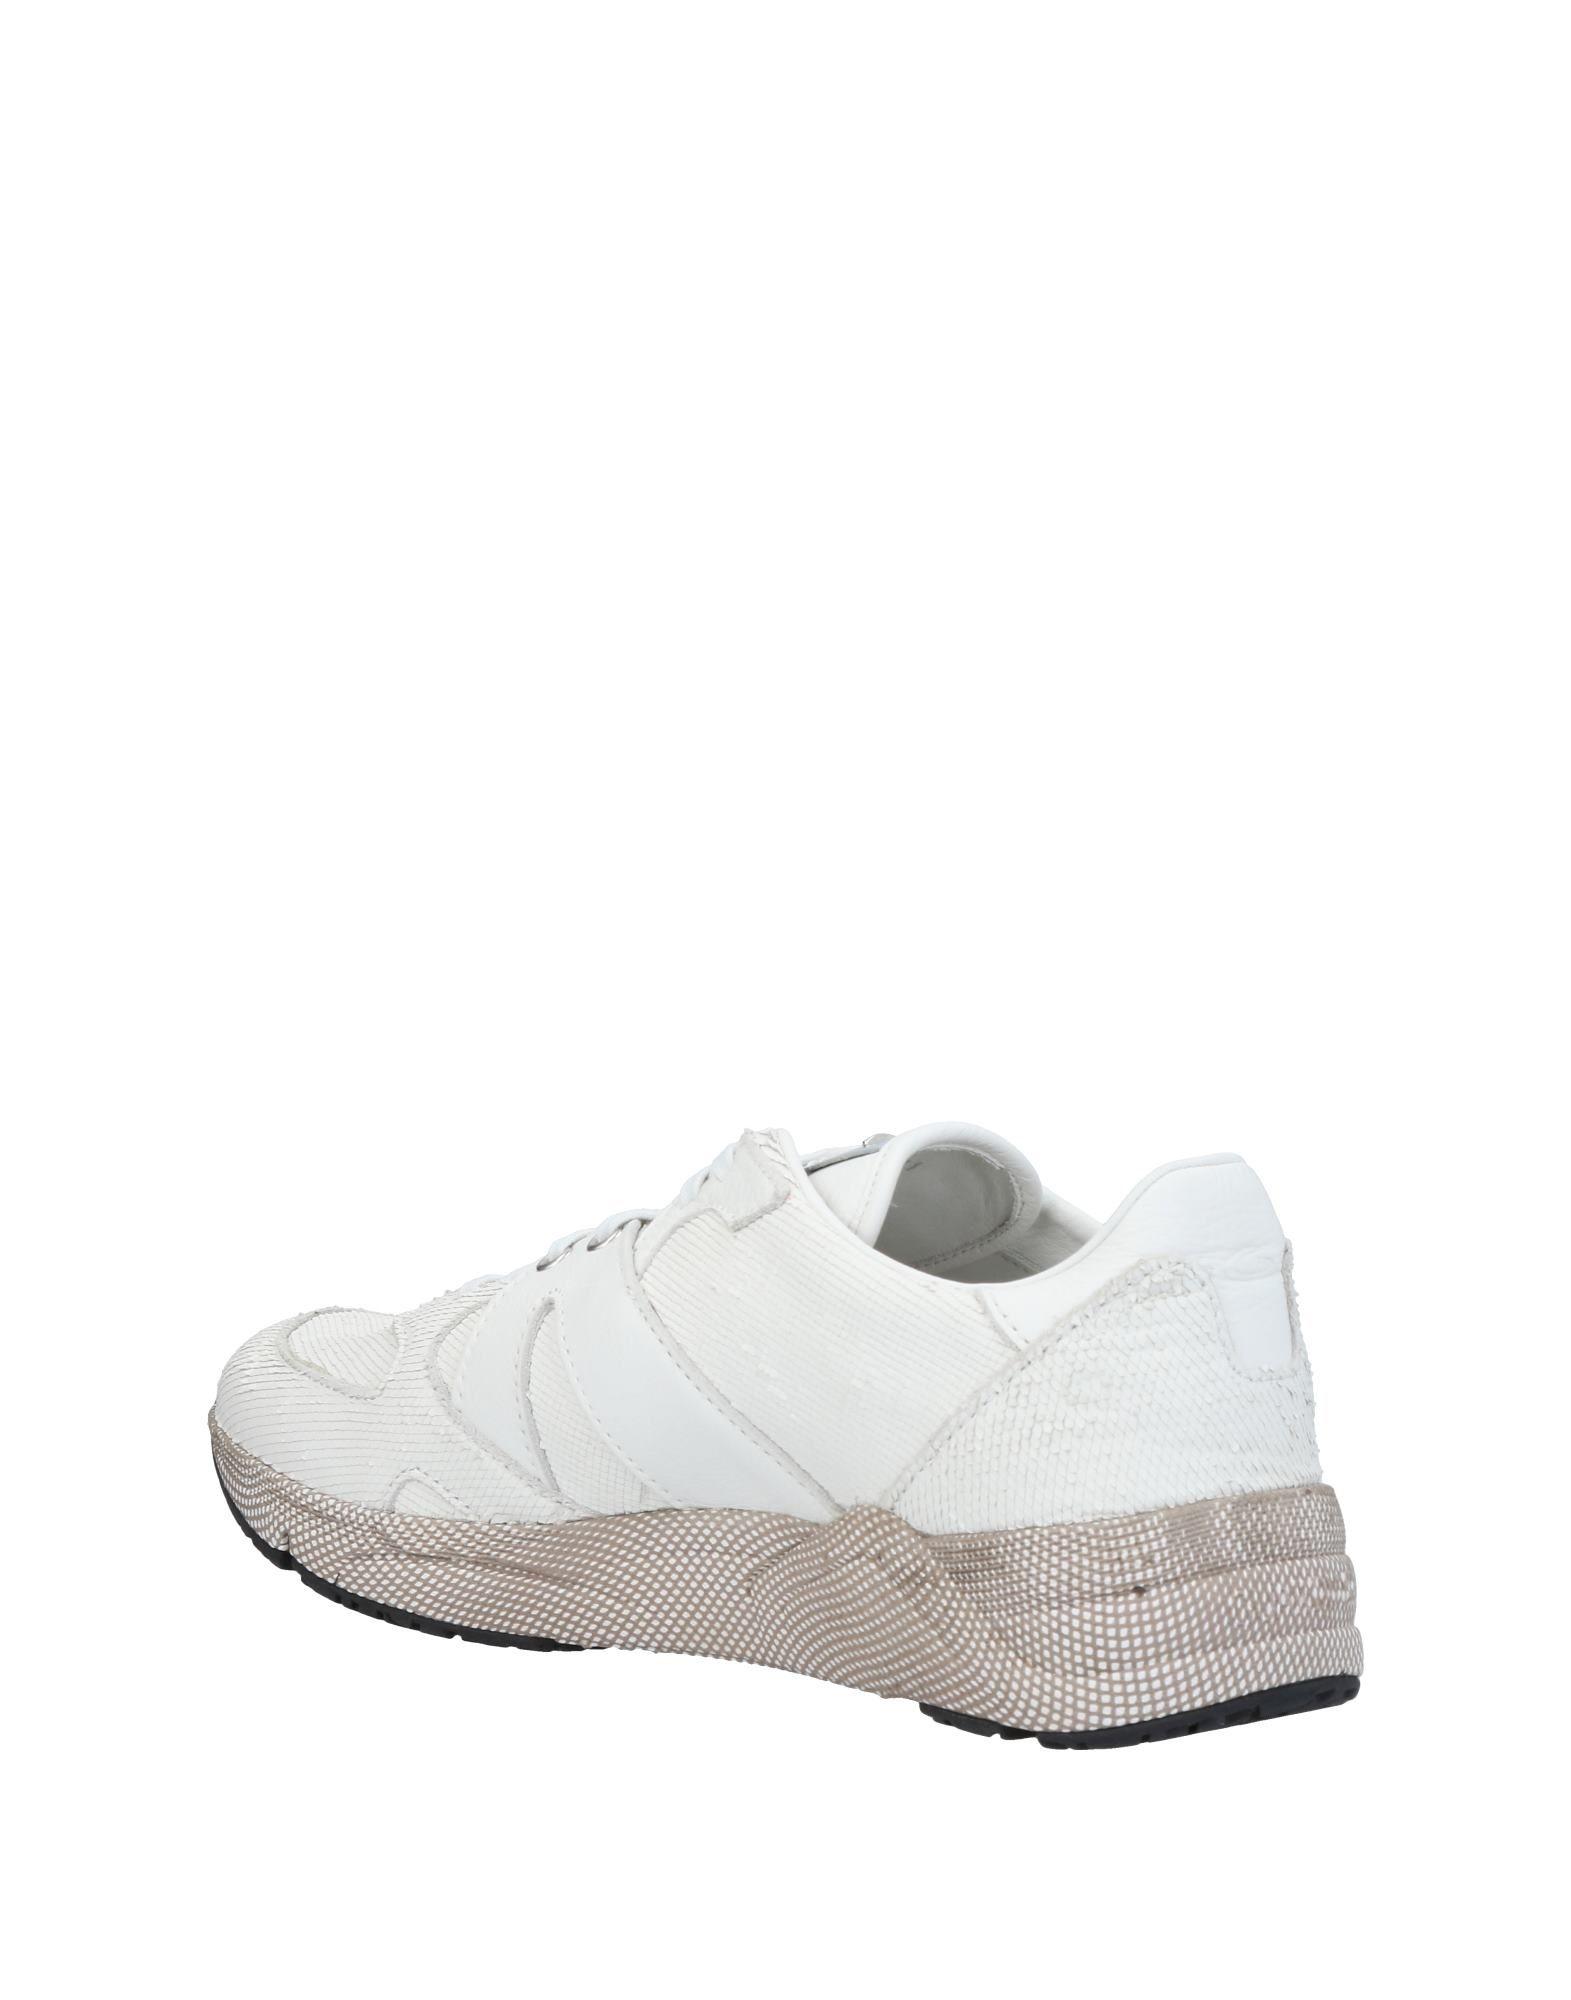 Alberto Guardiani Sneakers Herren Gutes sich Preis-Leistungs-Verhältnis, es lohnt sich Gutes 699e54